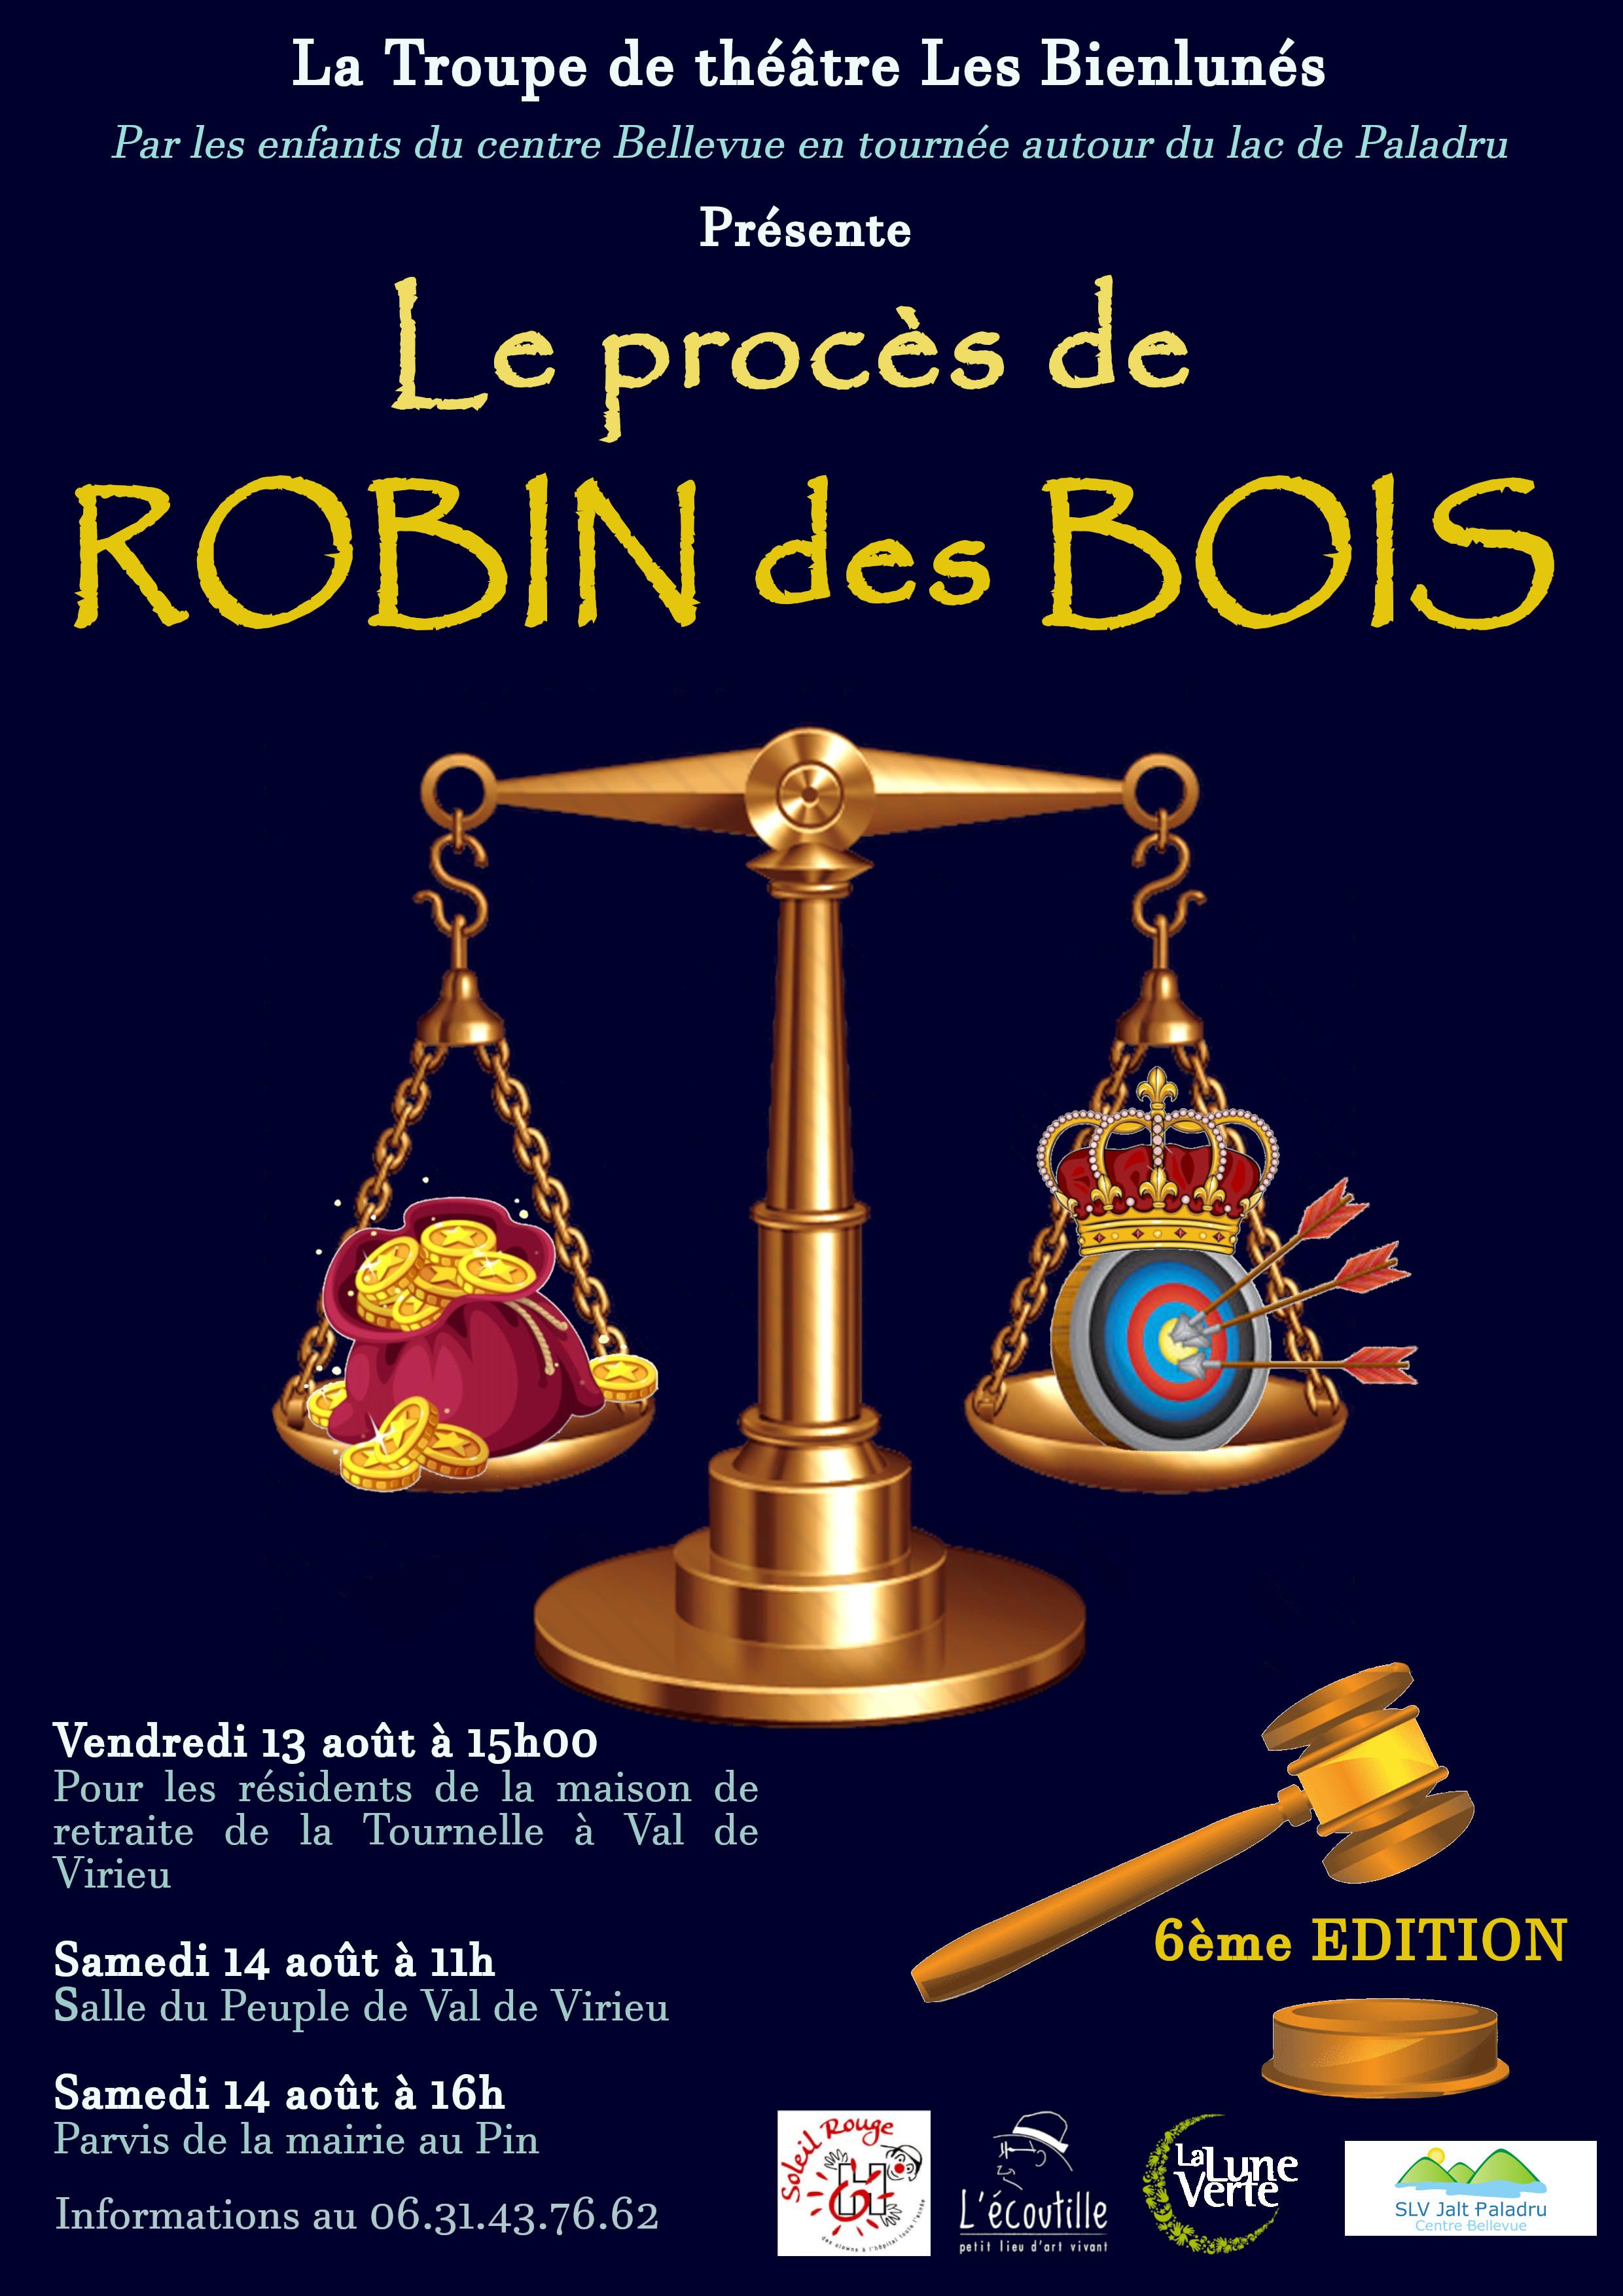 Le procès de Robin des bois